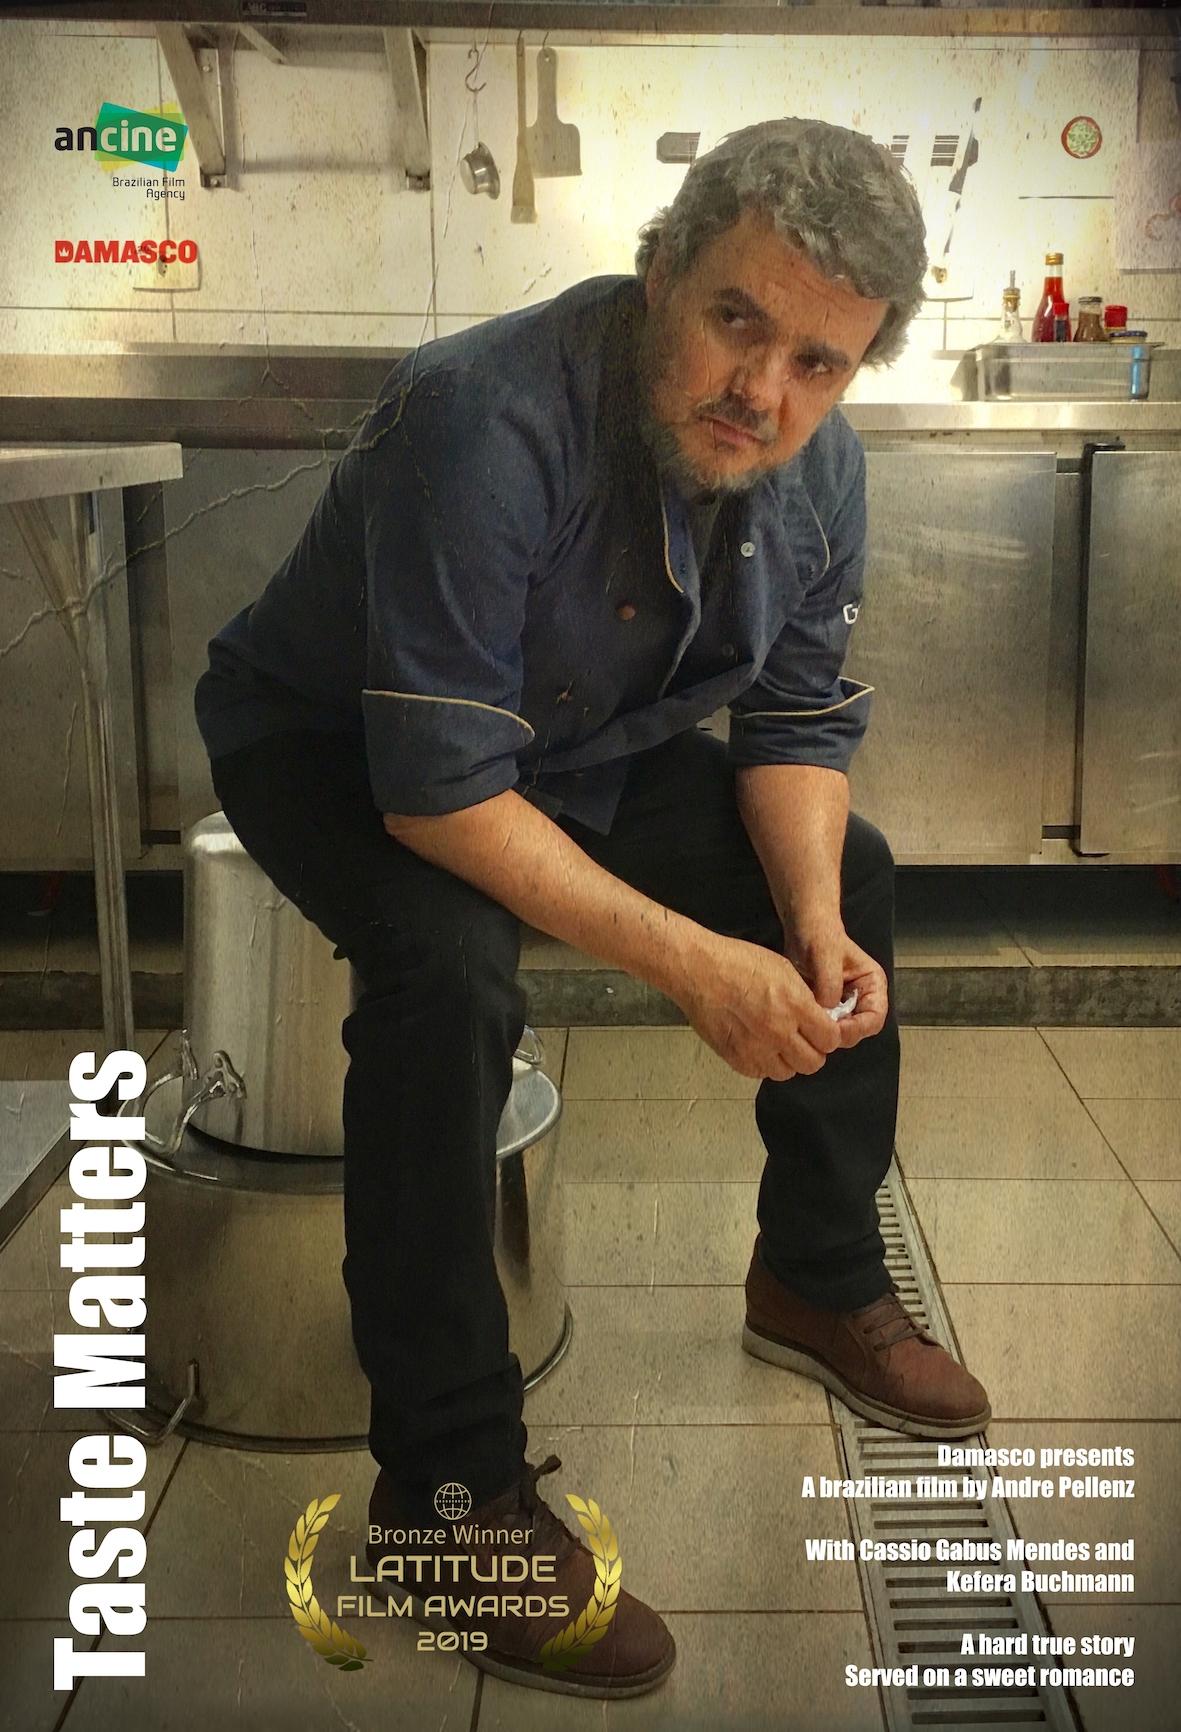 """Taste Matters - Escrito, dirigido e co-produzido por André PellenzProduzido por Marcus Baldini, Lara Guaranys e Marcelo Monteiro (Damasco Filmes).Lançado como """"Gosto se Discute"""".Conta a história de um chef que perde o paladar justamente quando precisa fazer um novo cardápio e salvar seu restaurante."""